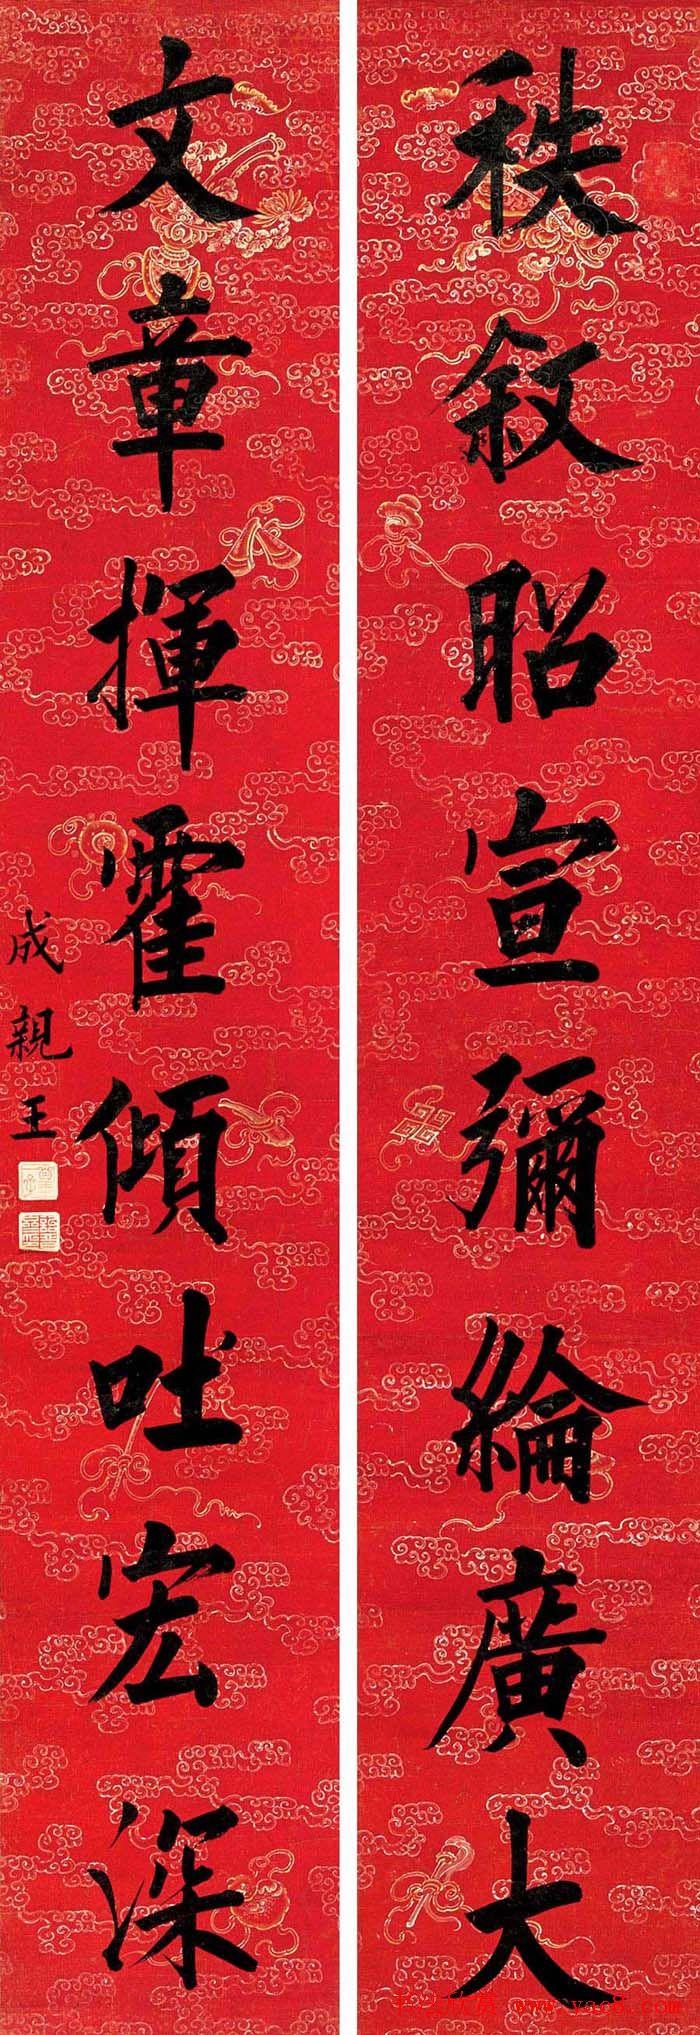 成亲王爱新觉罗永瑆书法艺术网络展